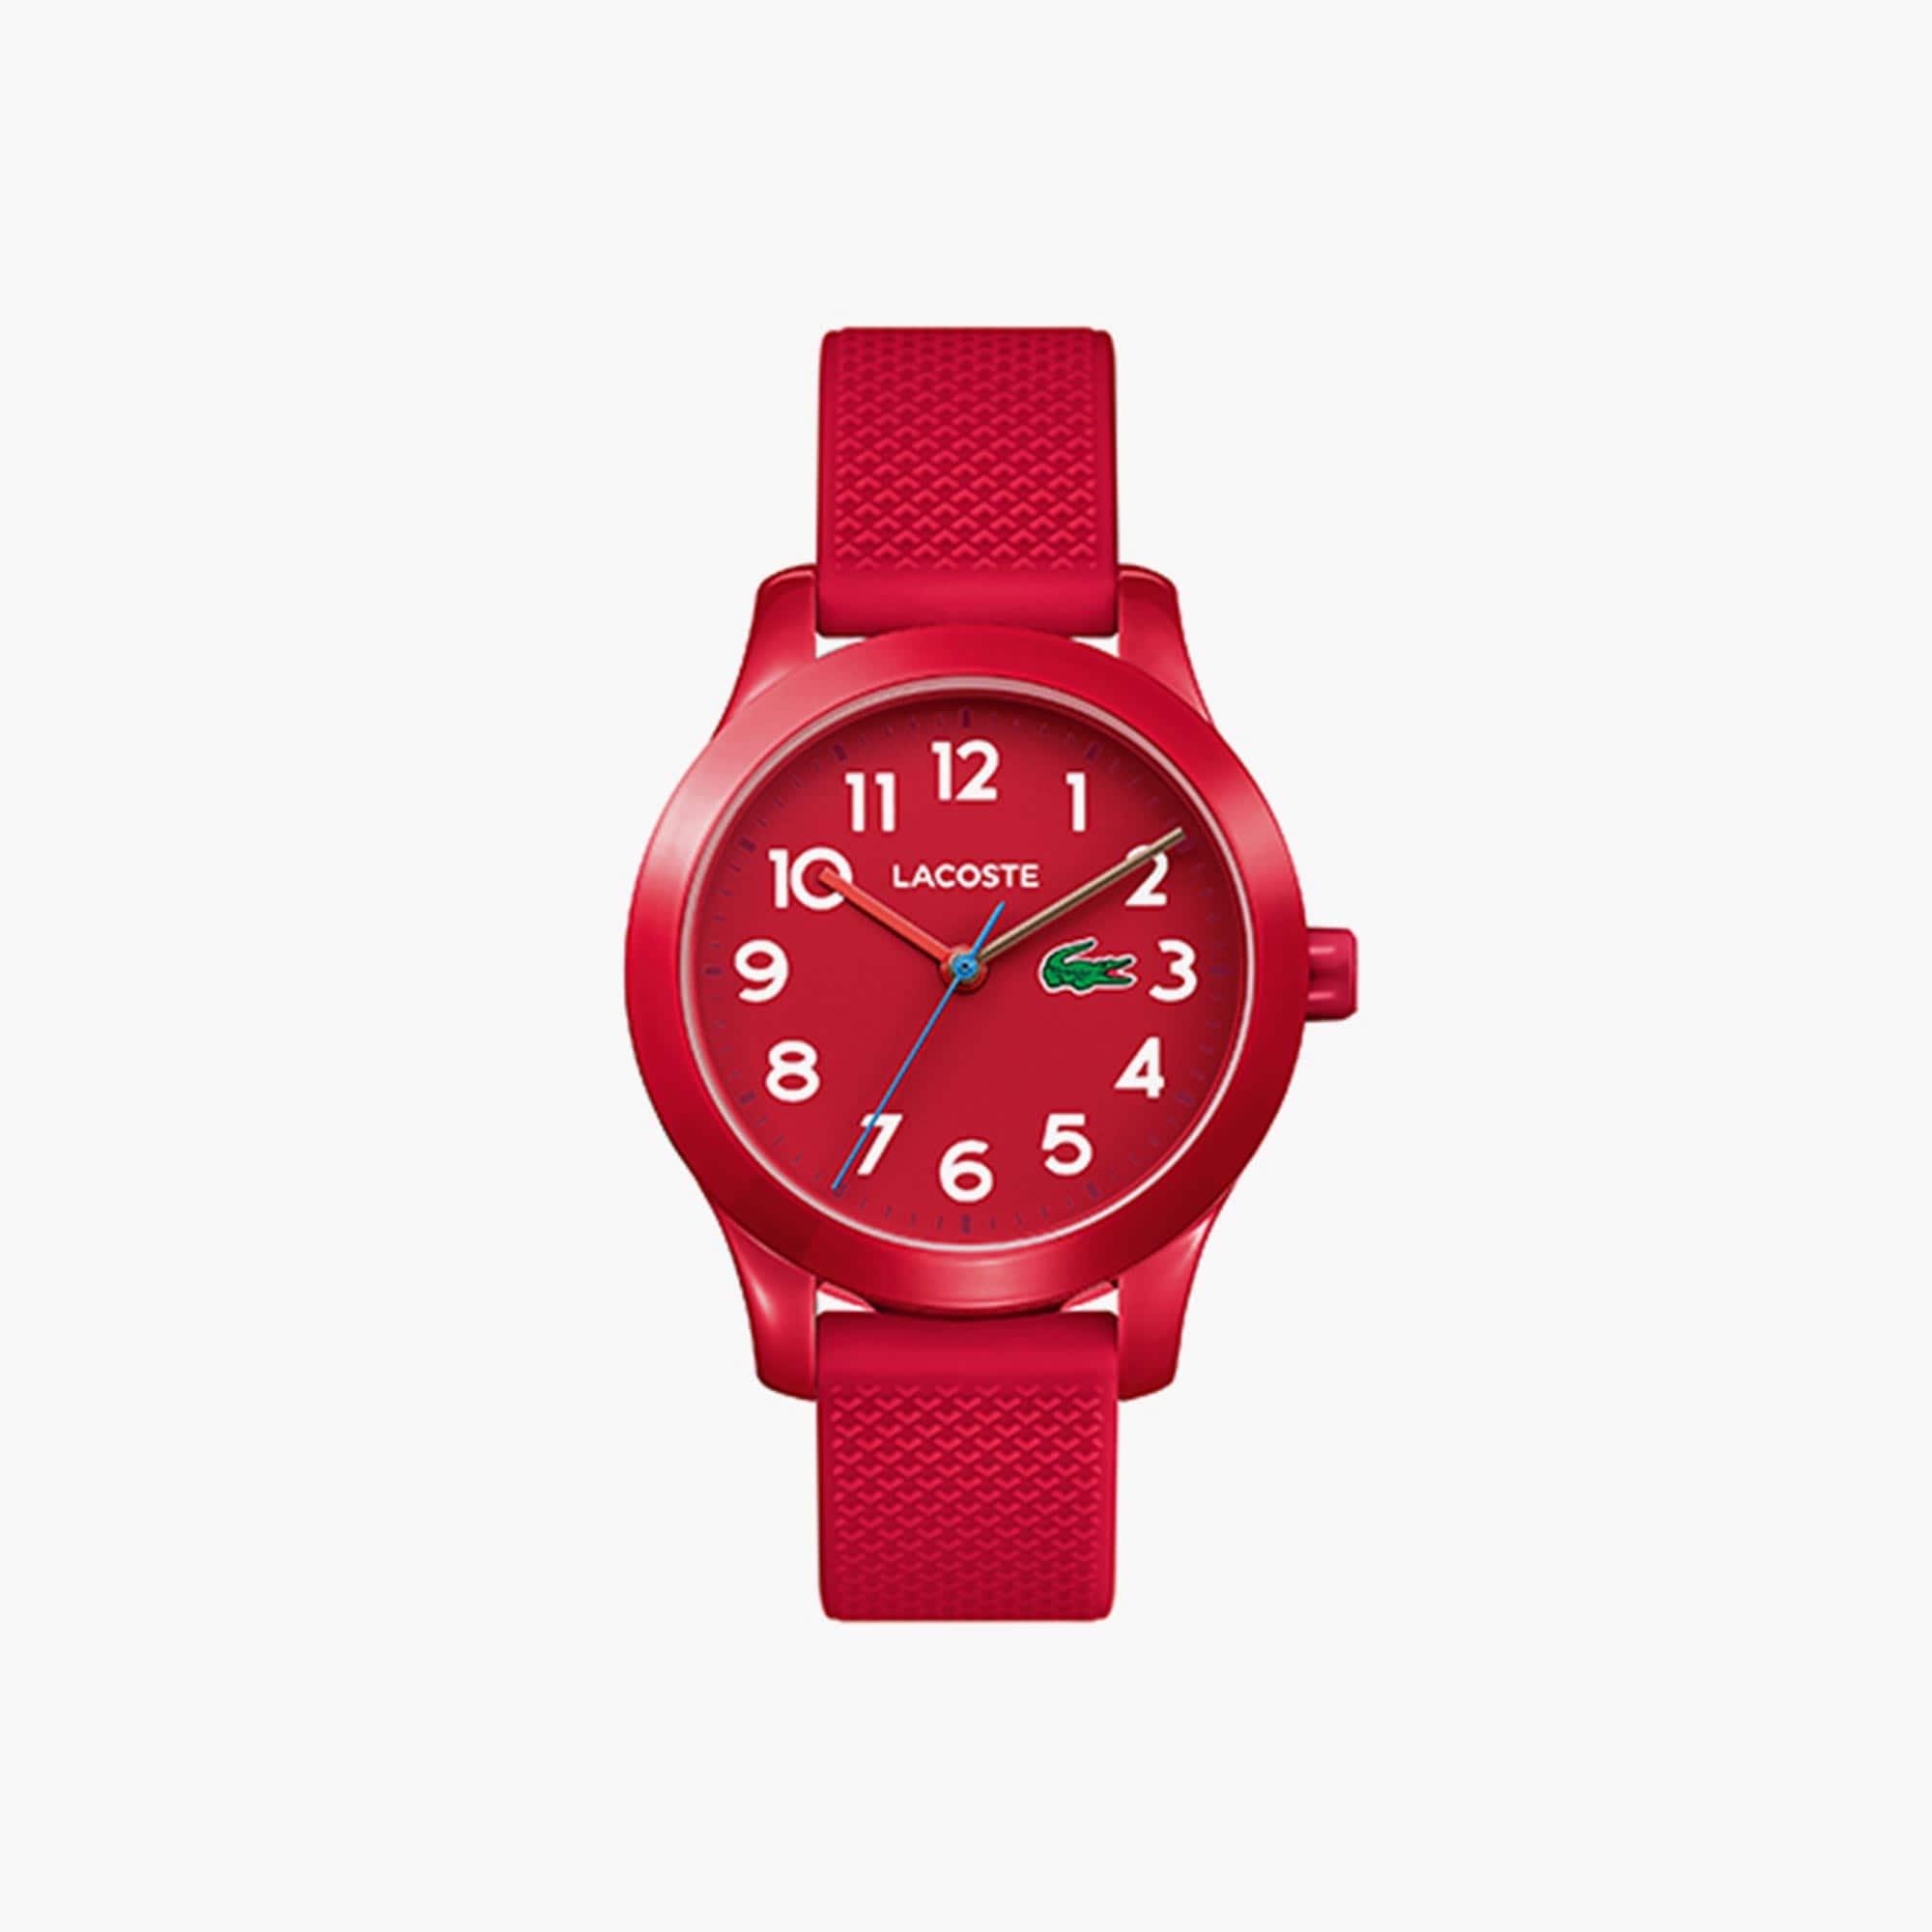 Relógio Lacoste 12.12 de criança com bracelete de silicone vermelha